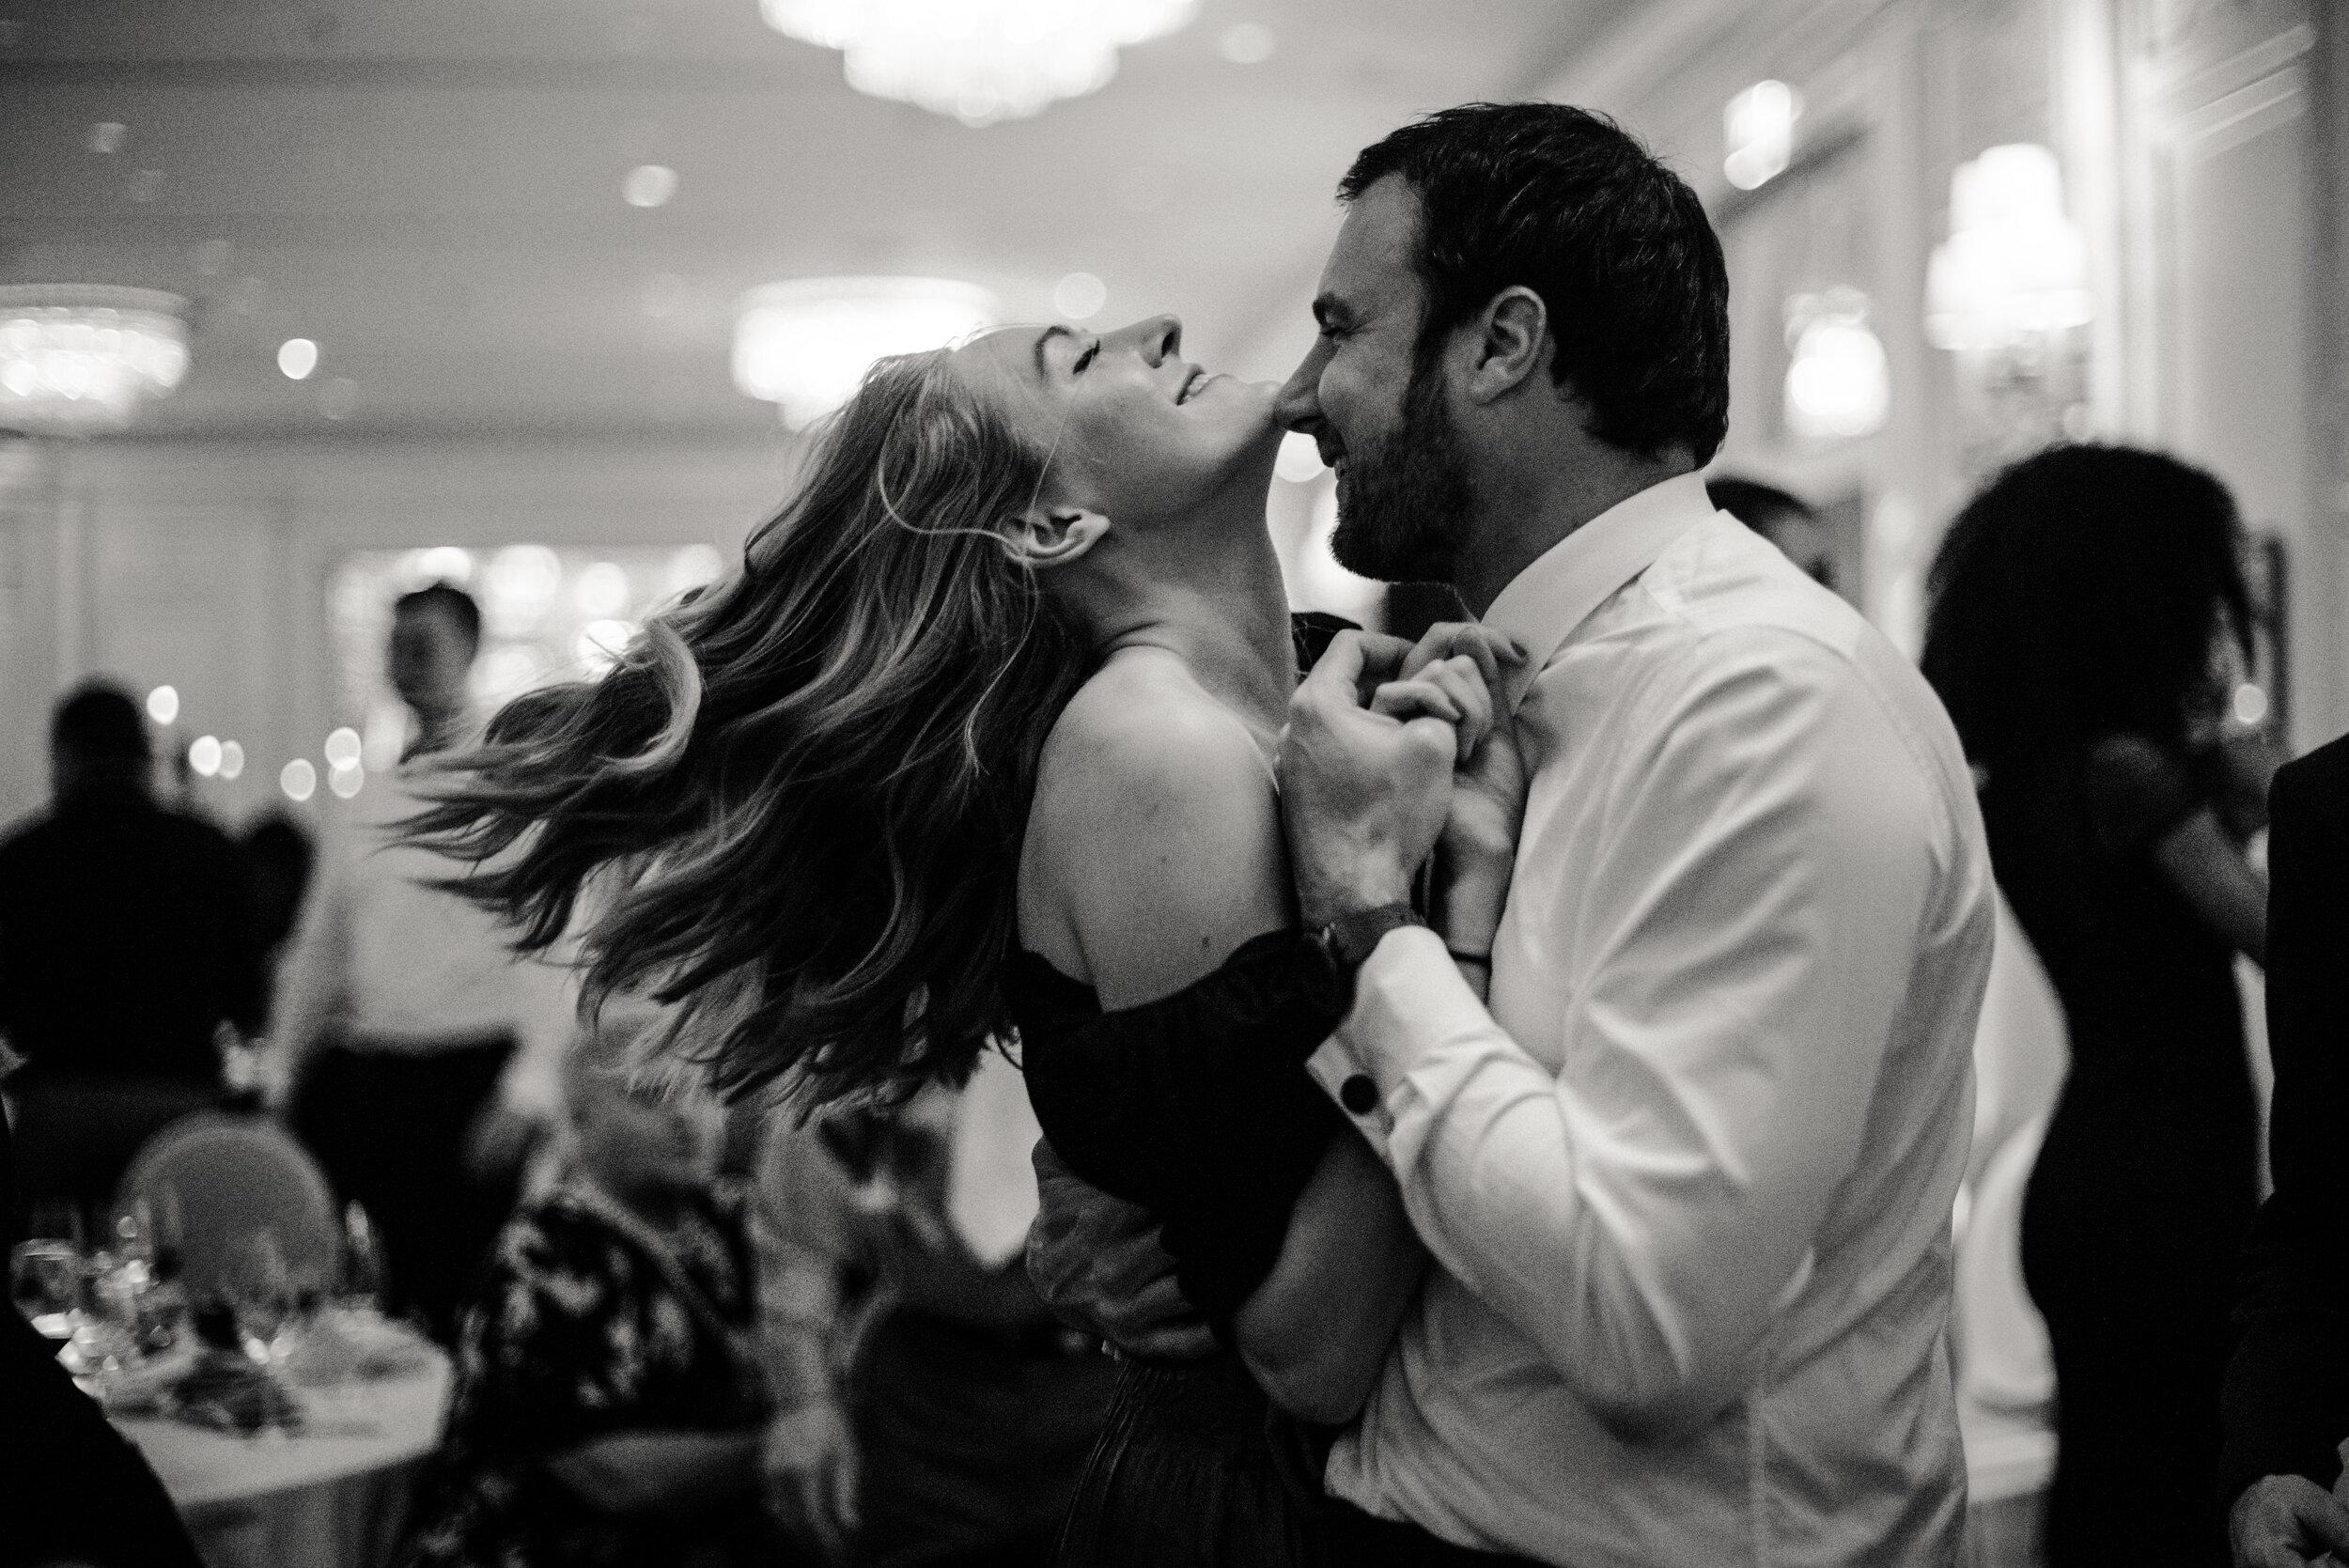 Léa-Fery-photographe-professionnel-lyon-rhone-alpes-portrait-creation-mariage-evenement-evenementiel-famille-7749.jpg